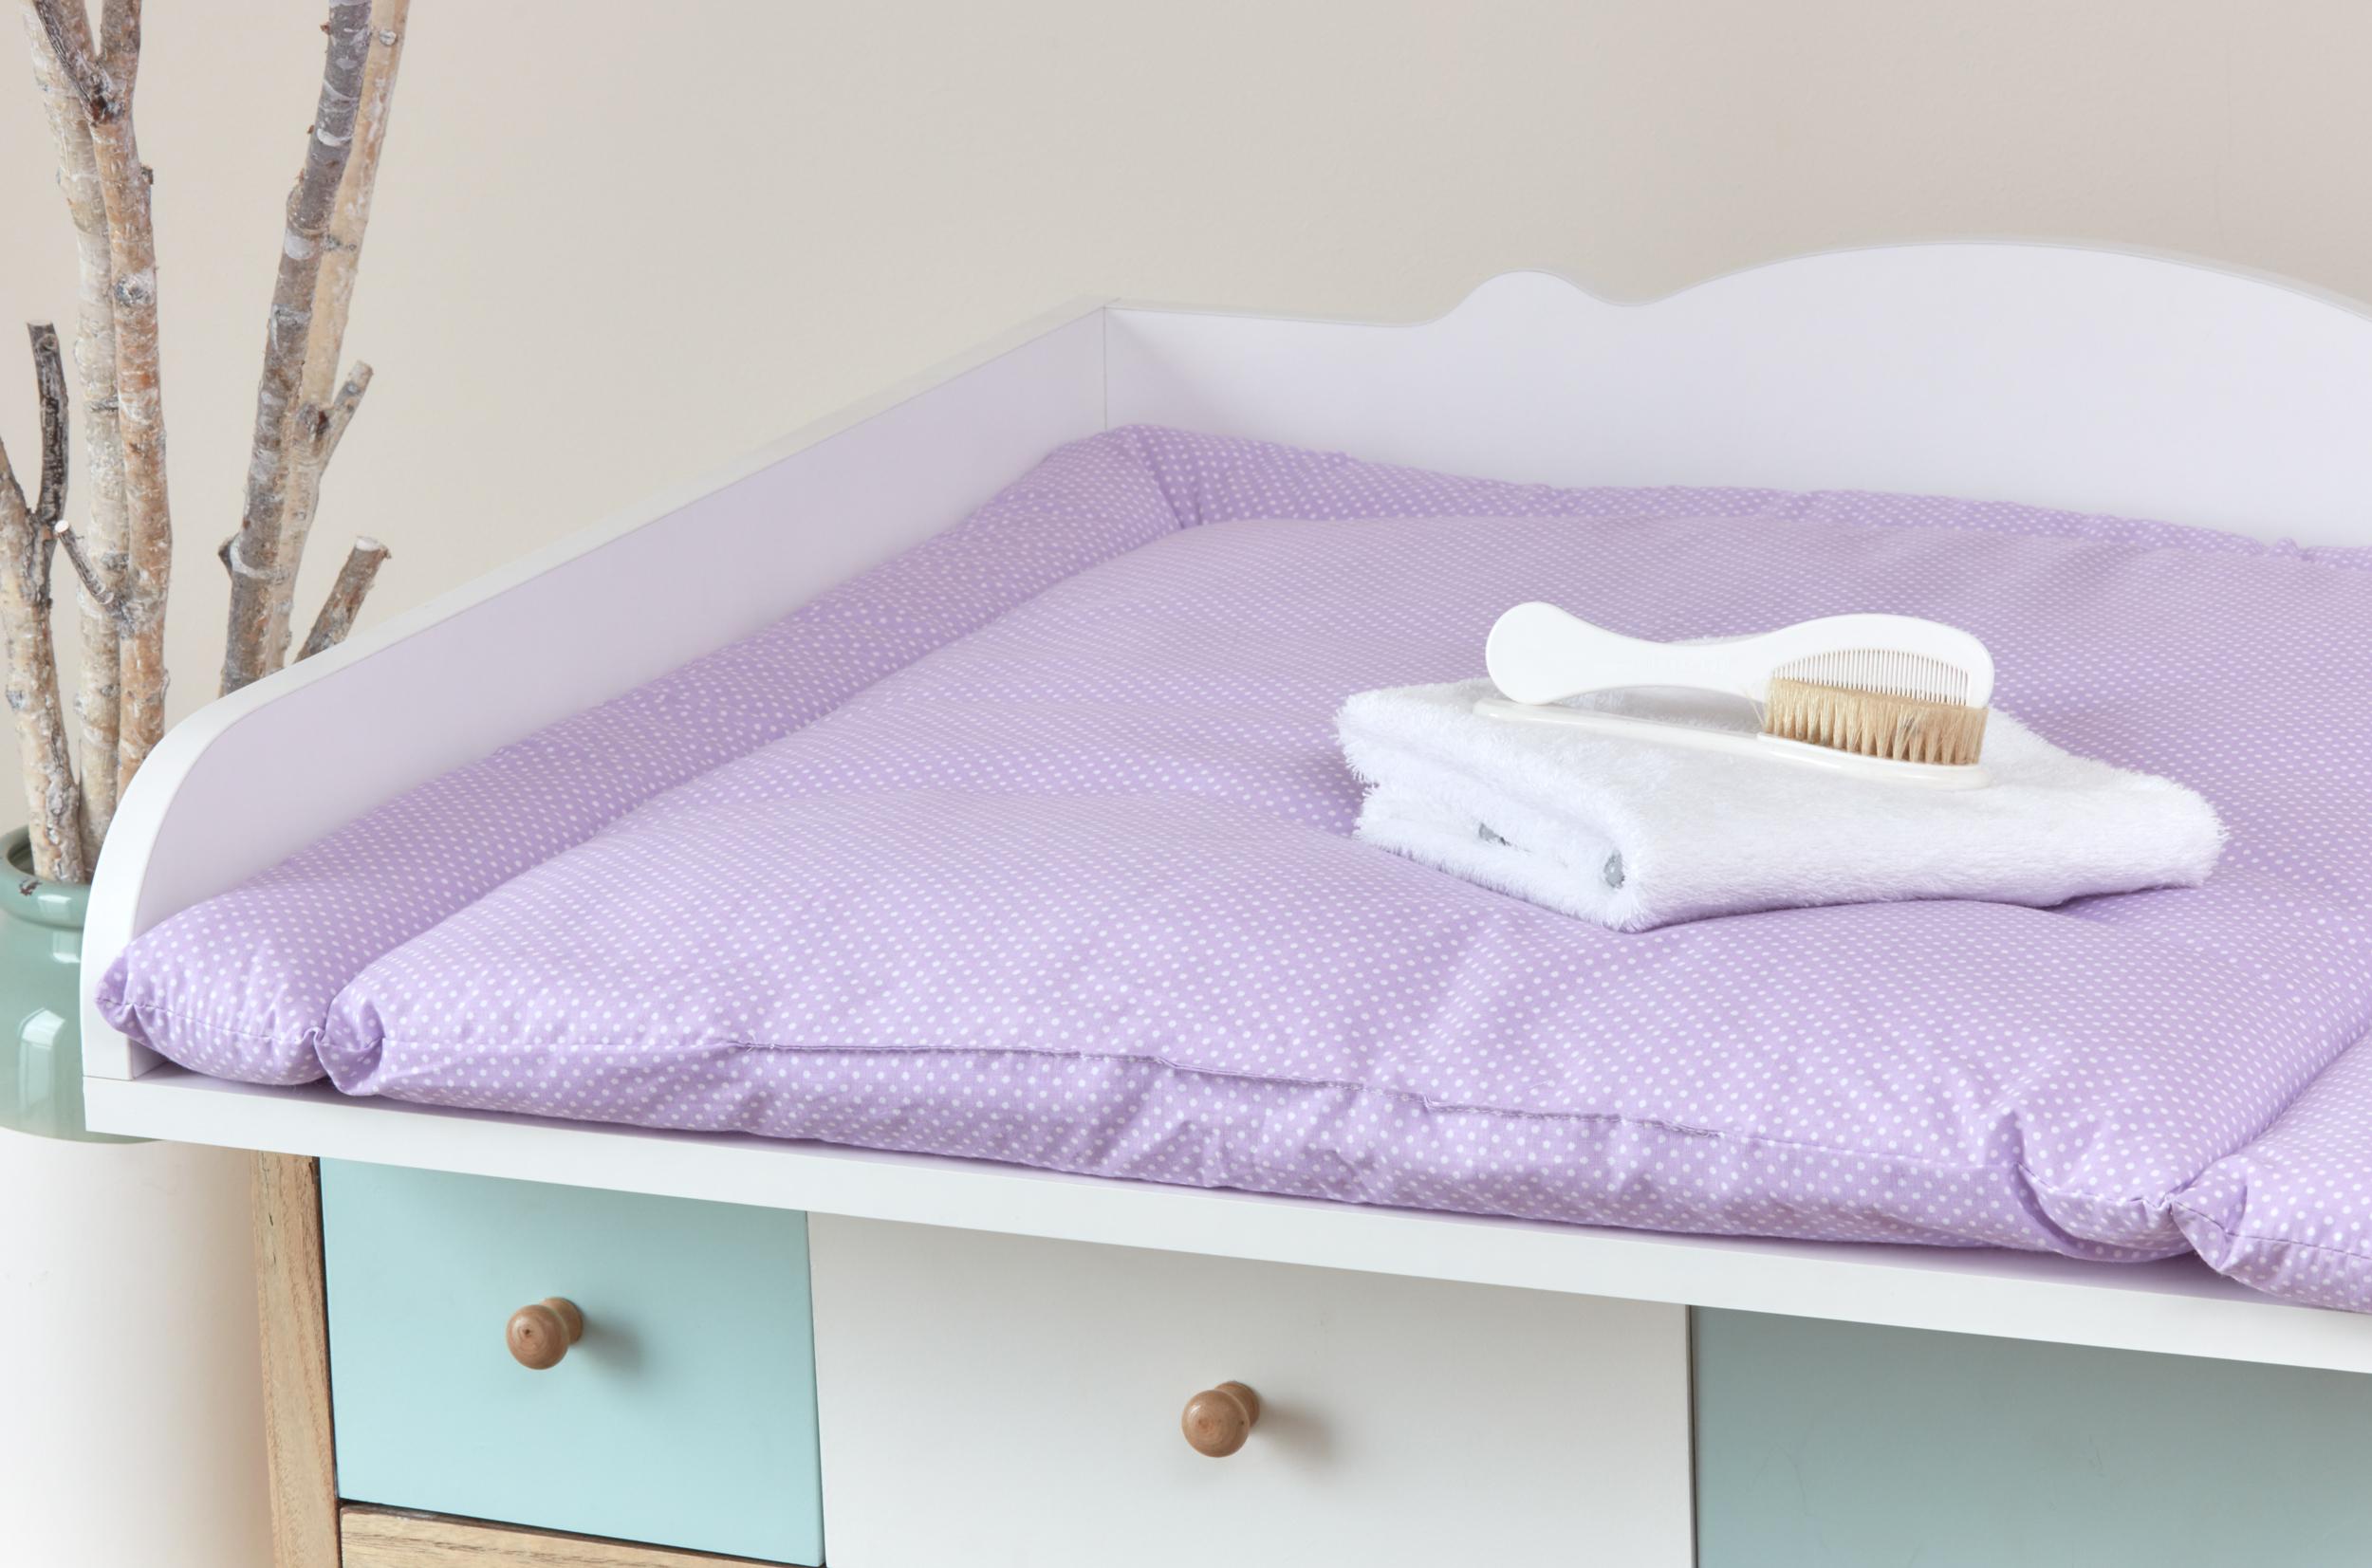 kraftkids wickelauflage wei e punkte auf lila breit 78 x tief 78 cm z b f r malm oder hemnes. Black Bedroom Furniture Sets. Home Design Ideas